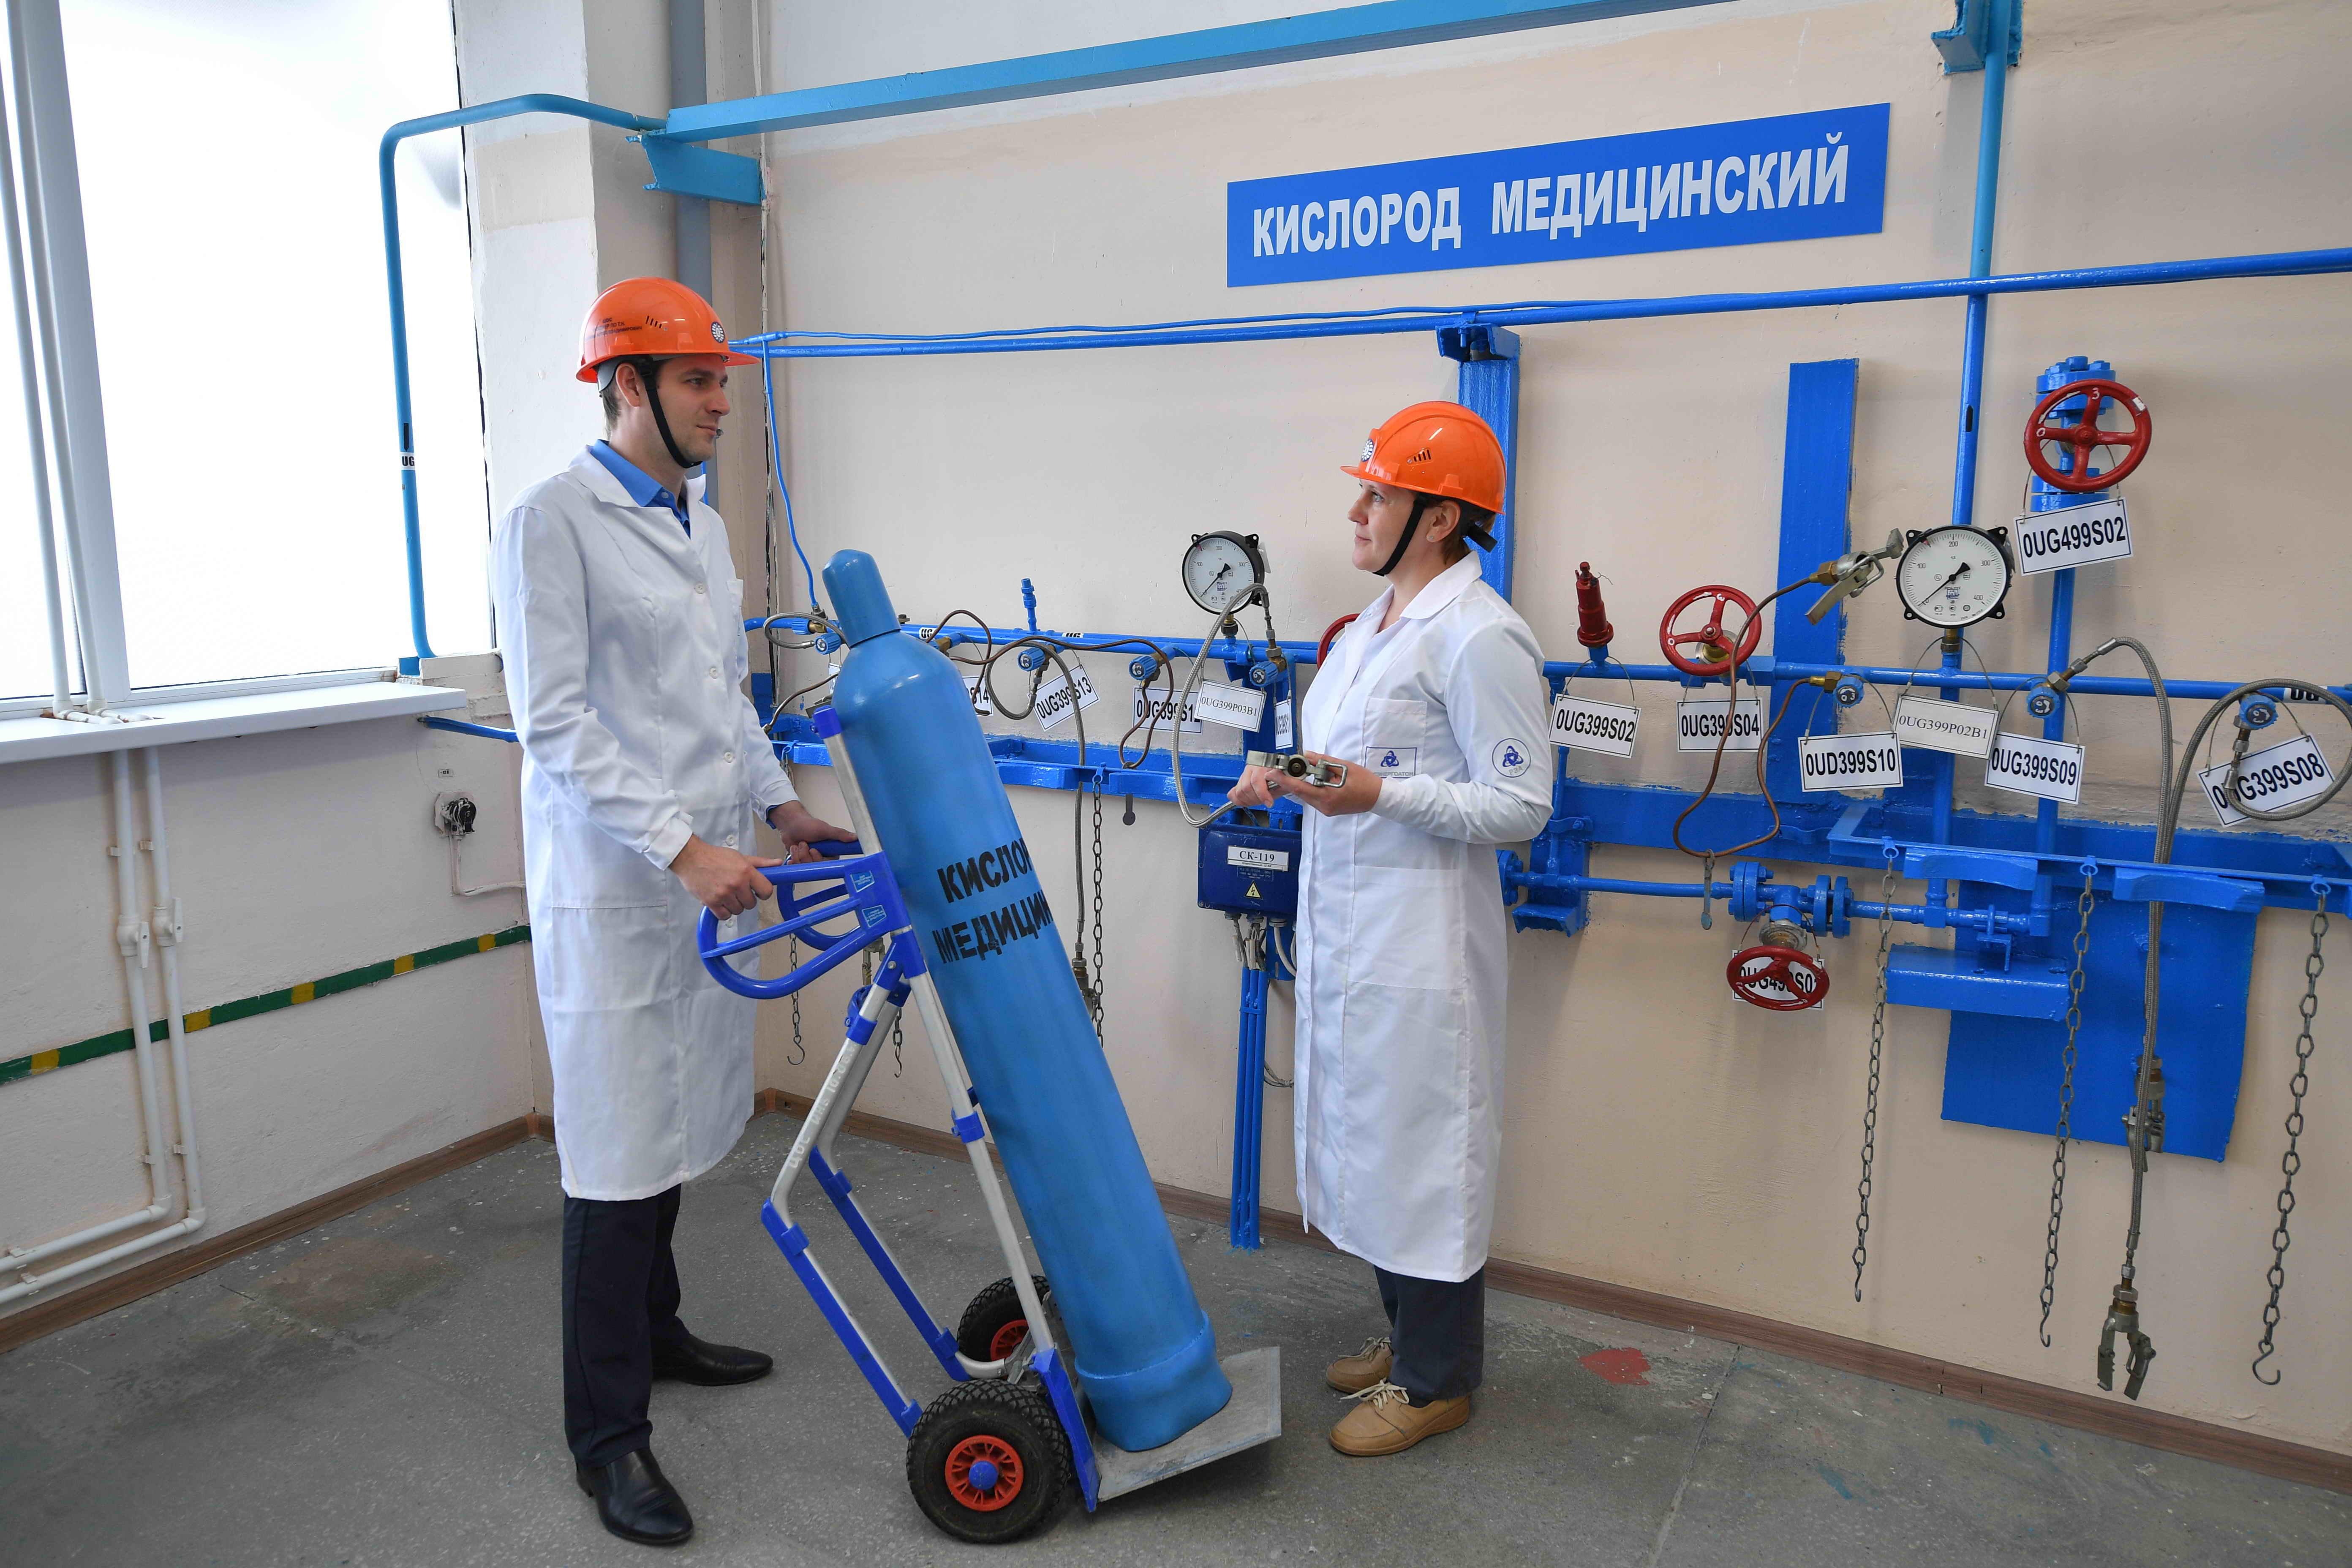 Ростовская АЭС готовится приступить к производству медицинского кислорода, необходимого для лечения больных